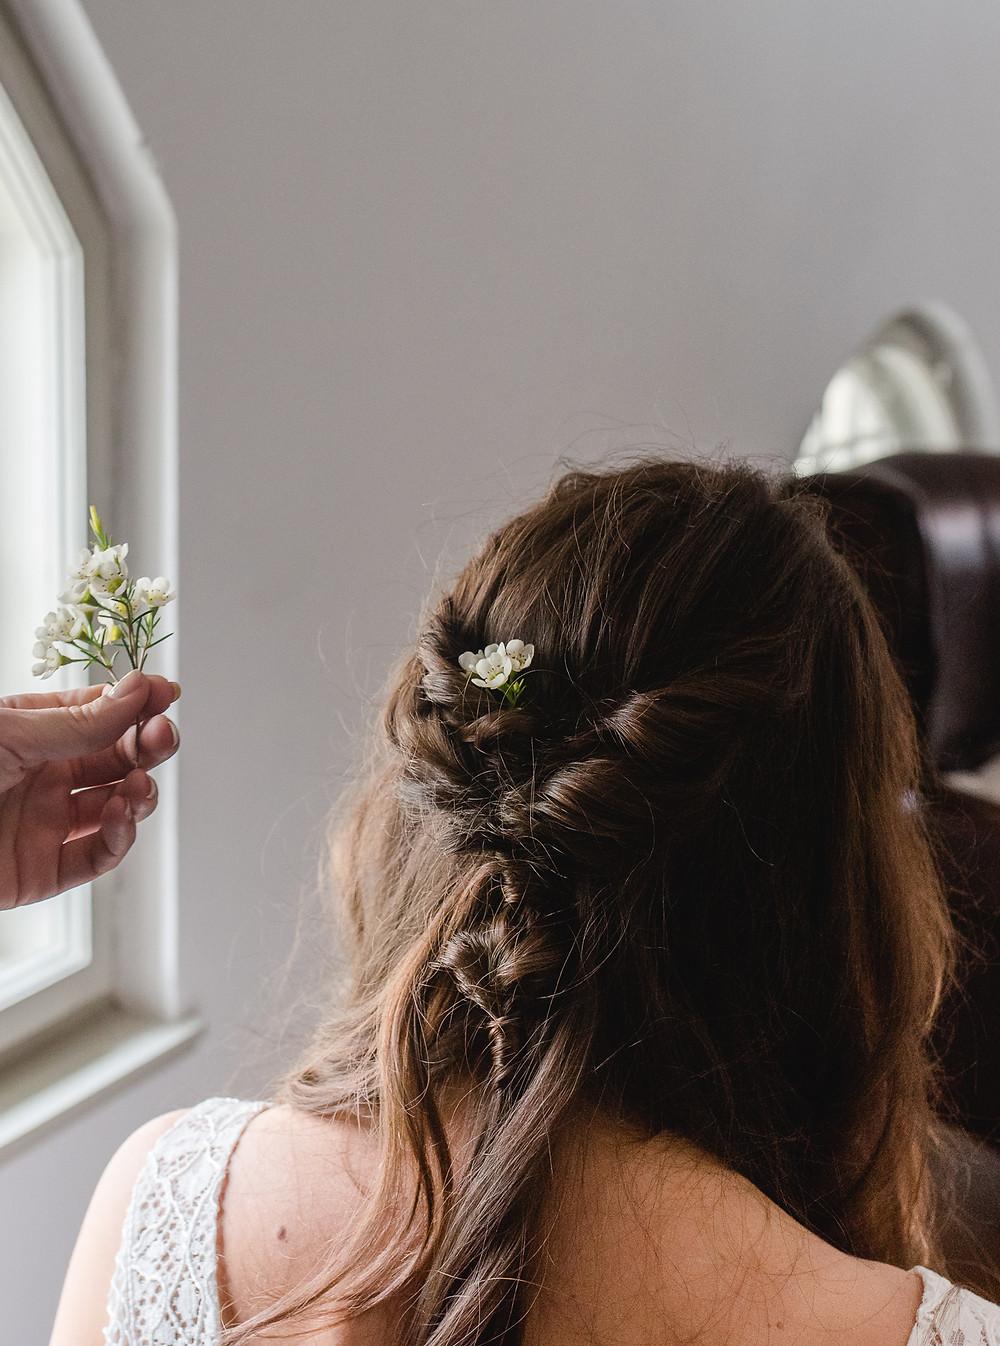 berlin Hochzeit , brautmakeup , Remise am See caputh , hochzeitslocation berlin , Brautstyling , Brautfrisur , weddinghair , Styling , Hochzeit visagist , berlin Hochzeit , Wedding , weddinginspo , bridalstyling